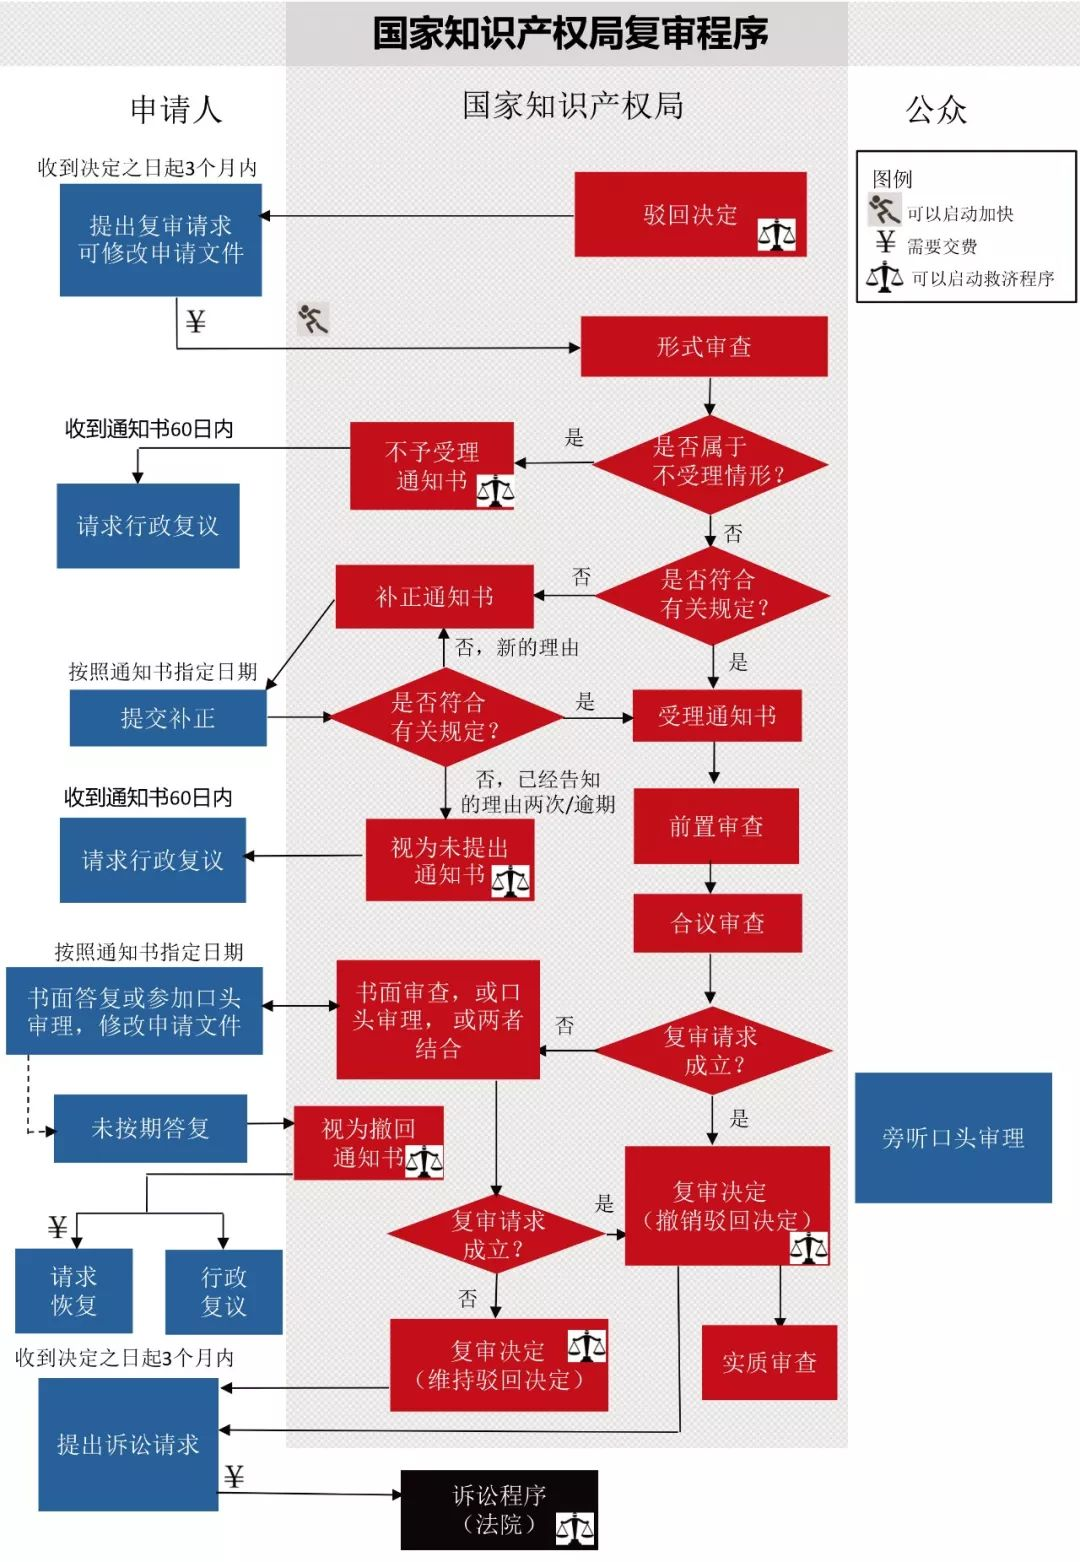 一图看懂发明专利生命周期图(审查程序+复审程序+无效程序)